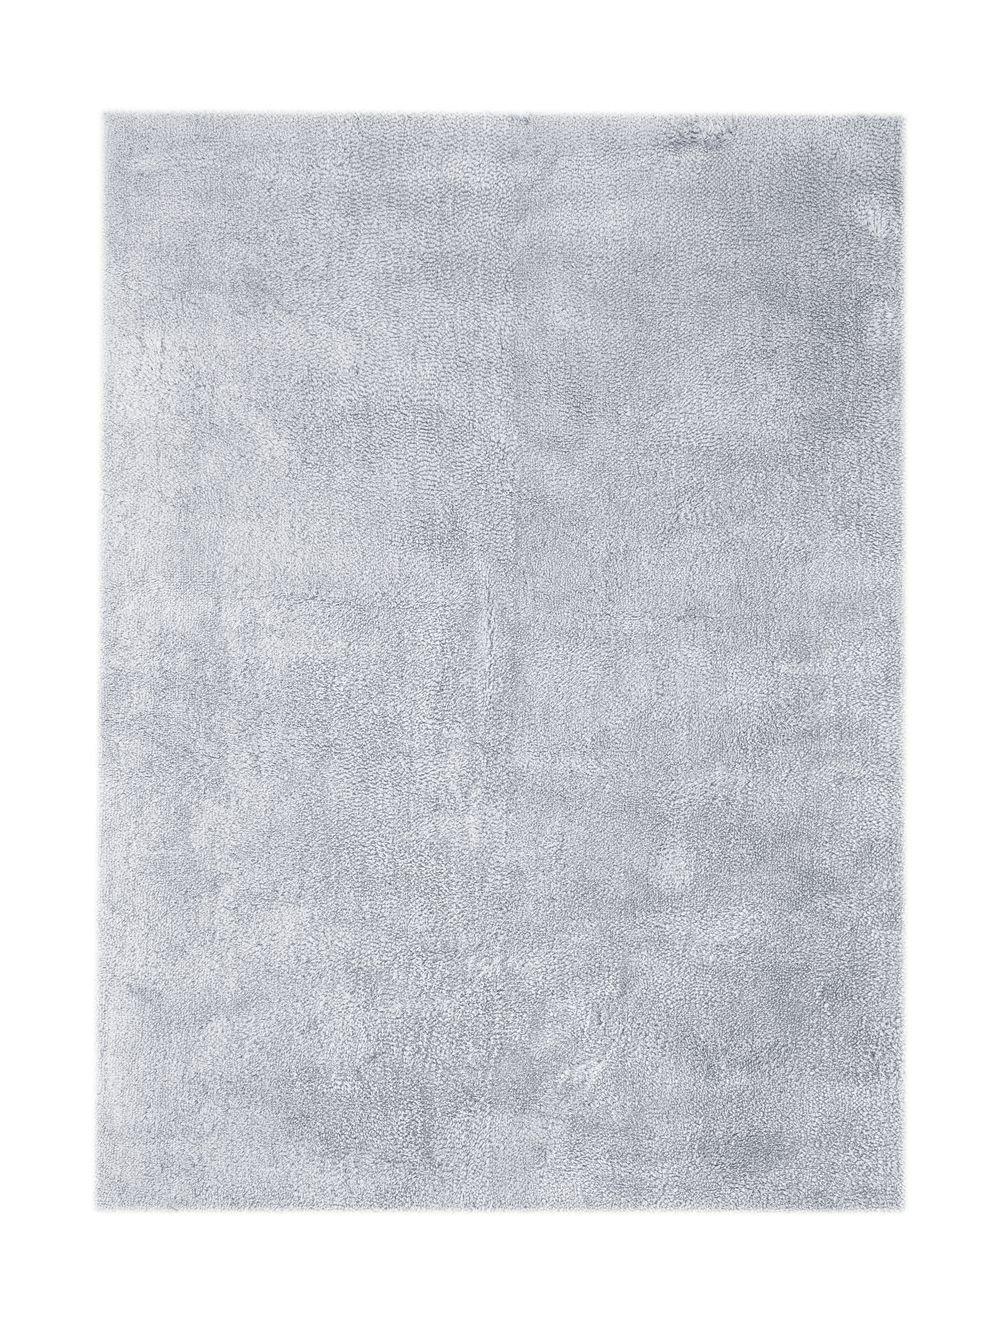 Teppich Wohnzimmer Carpet Hochflor Shaggy Design Bali 110 Rug Pastellfarbe Muster Polyester 160x230 cm Blau Teppiche günstig online kaufen